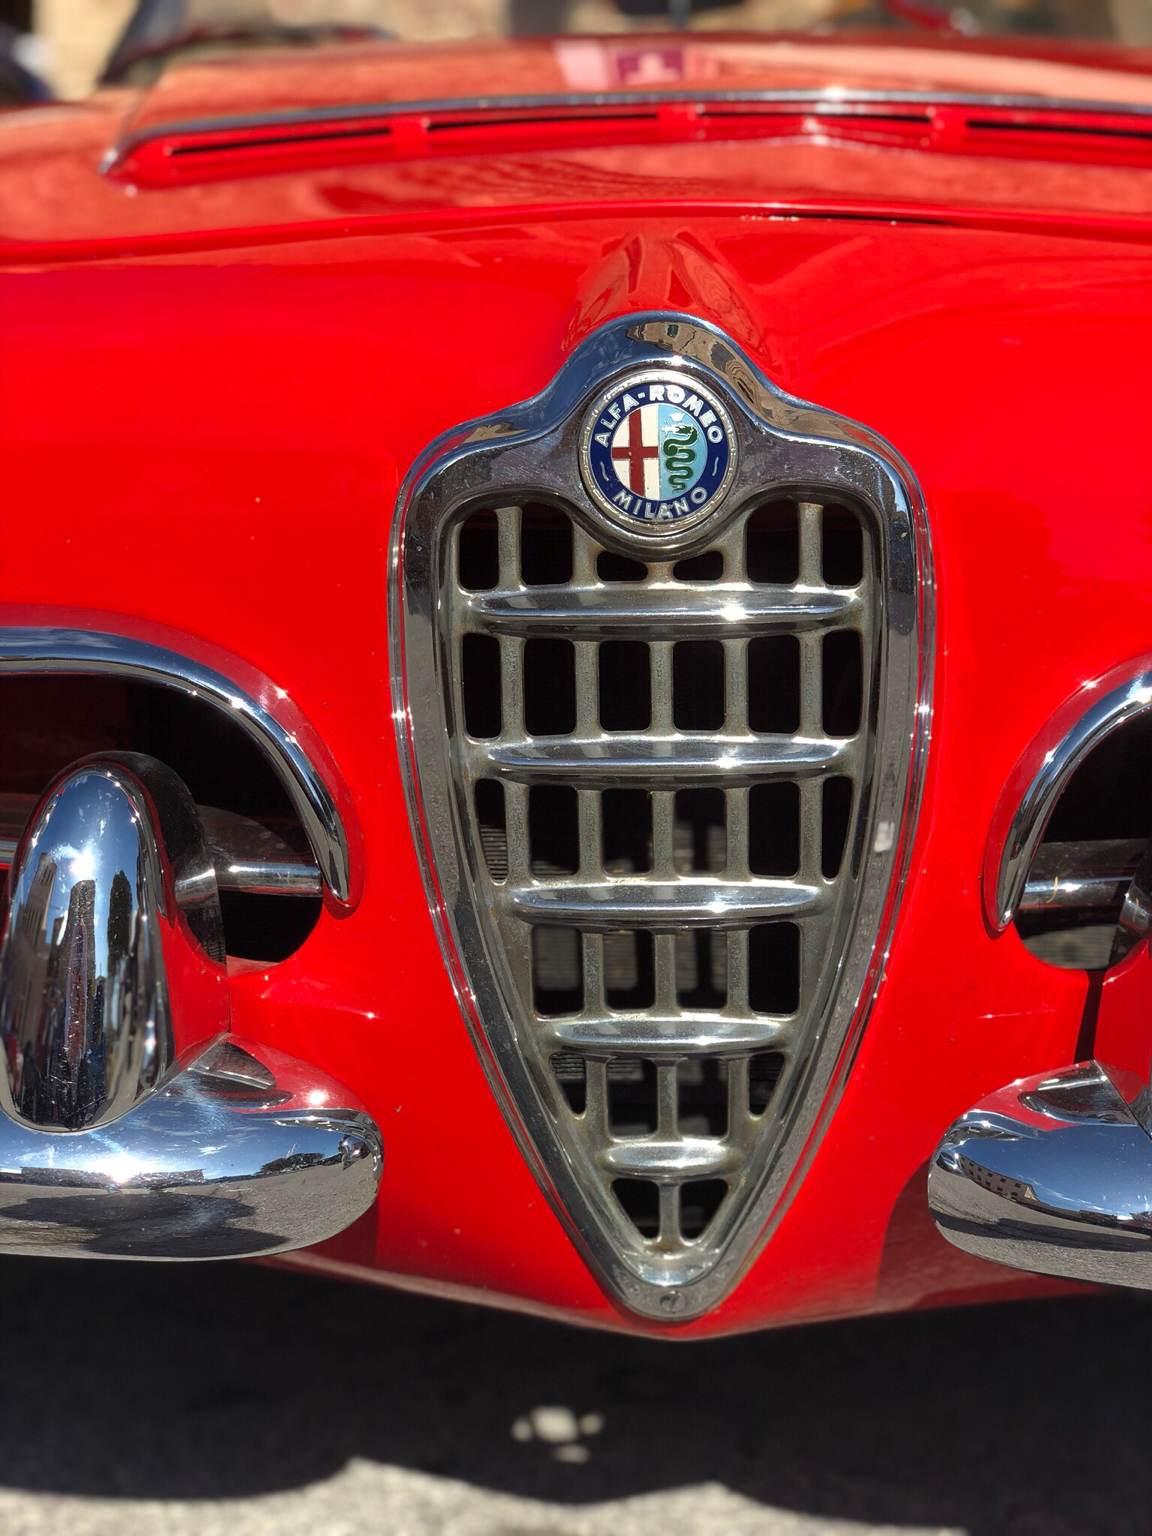 foto 5° raduno Alfa Romeo nella Vallesina 7/8 settembre 2019 - 5